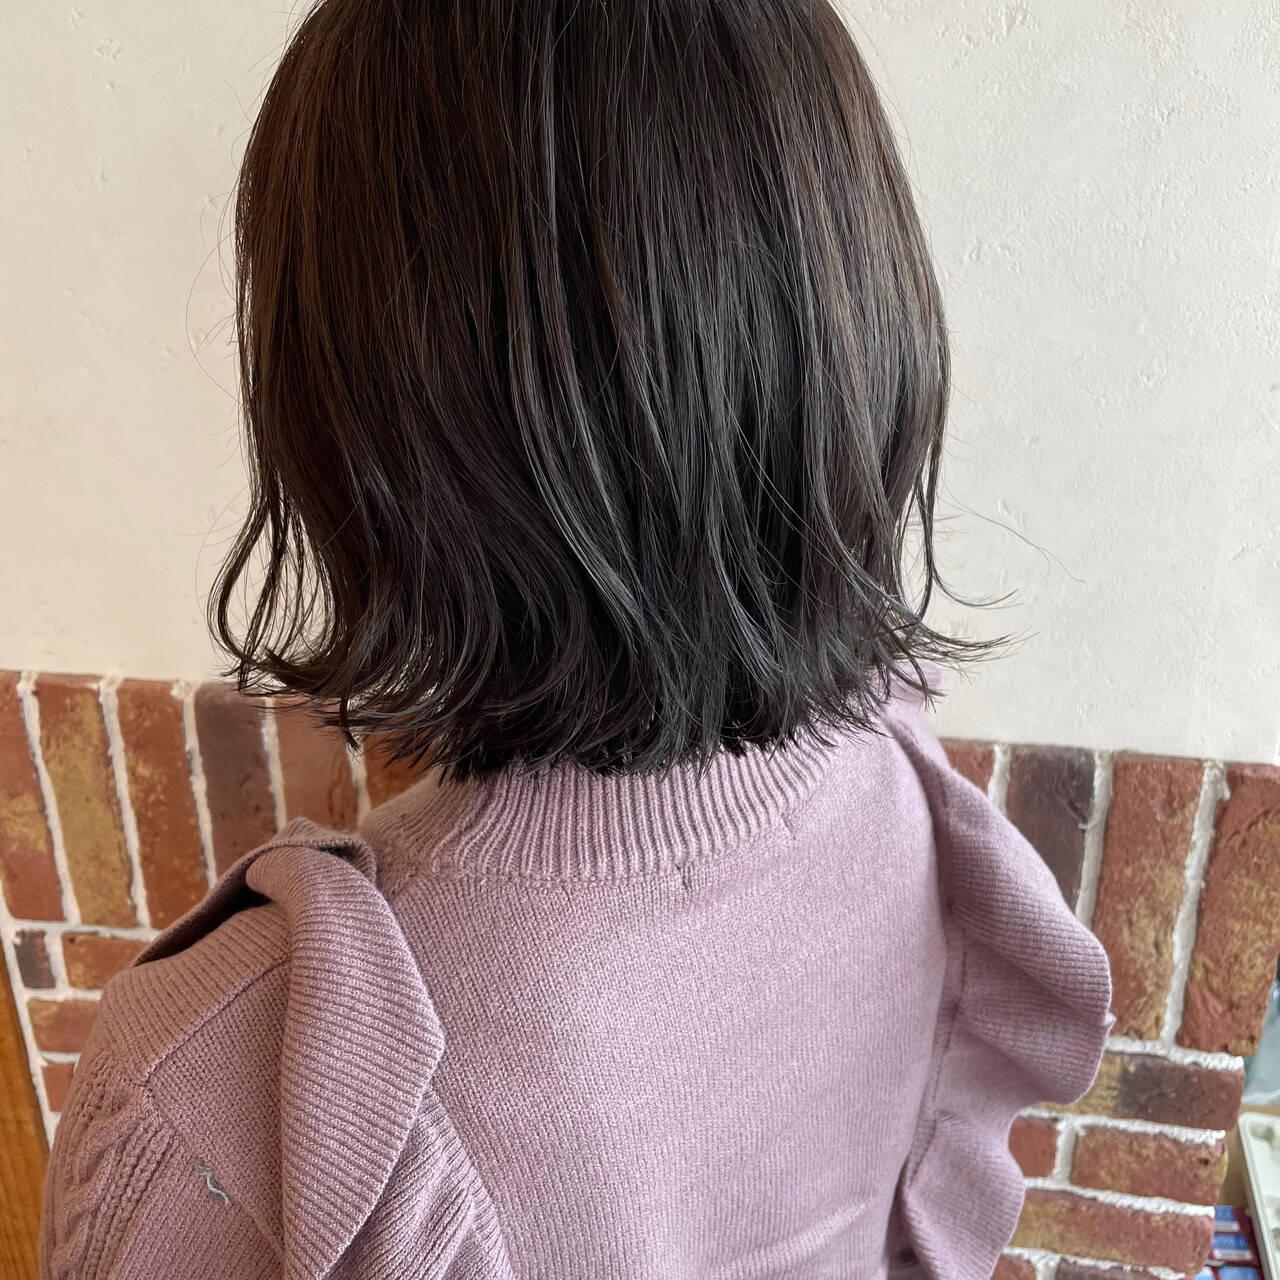 ナチュラル アッシュ シルバーアッシュ 外ハネボブヘアスタイルや髪型の写真・画像